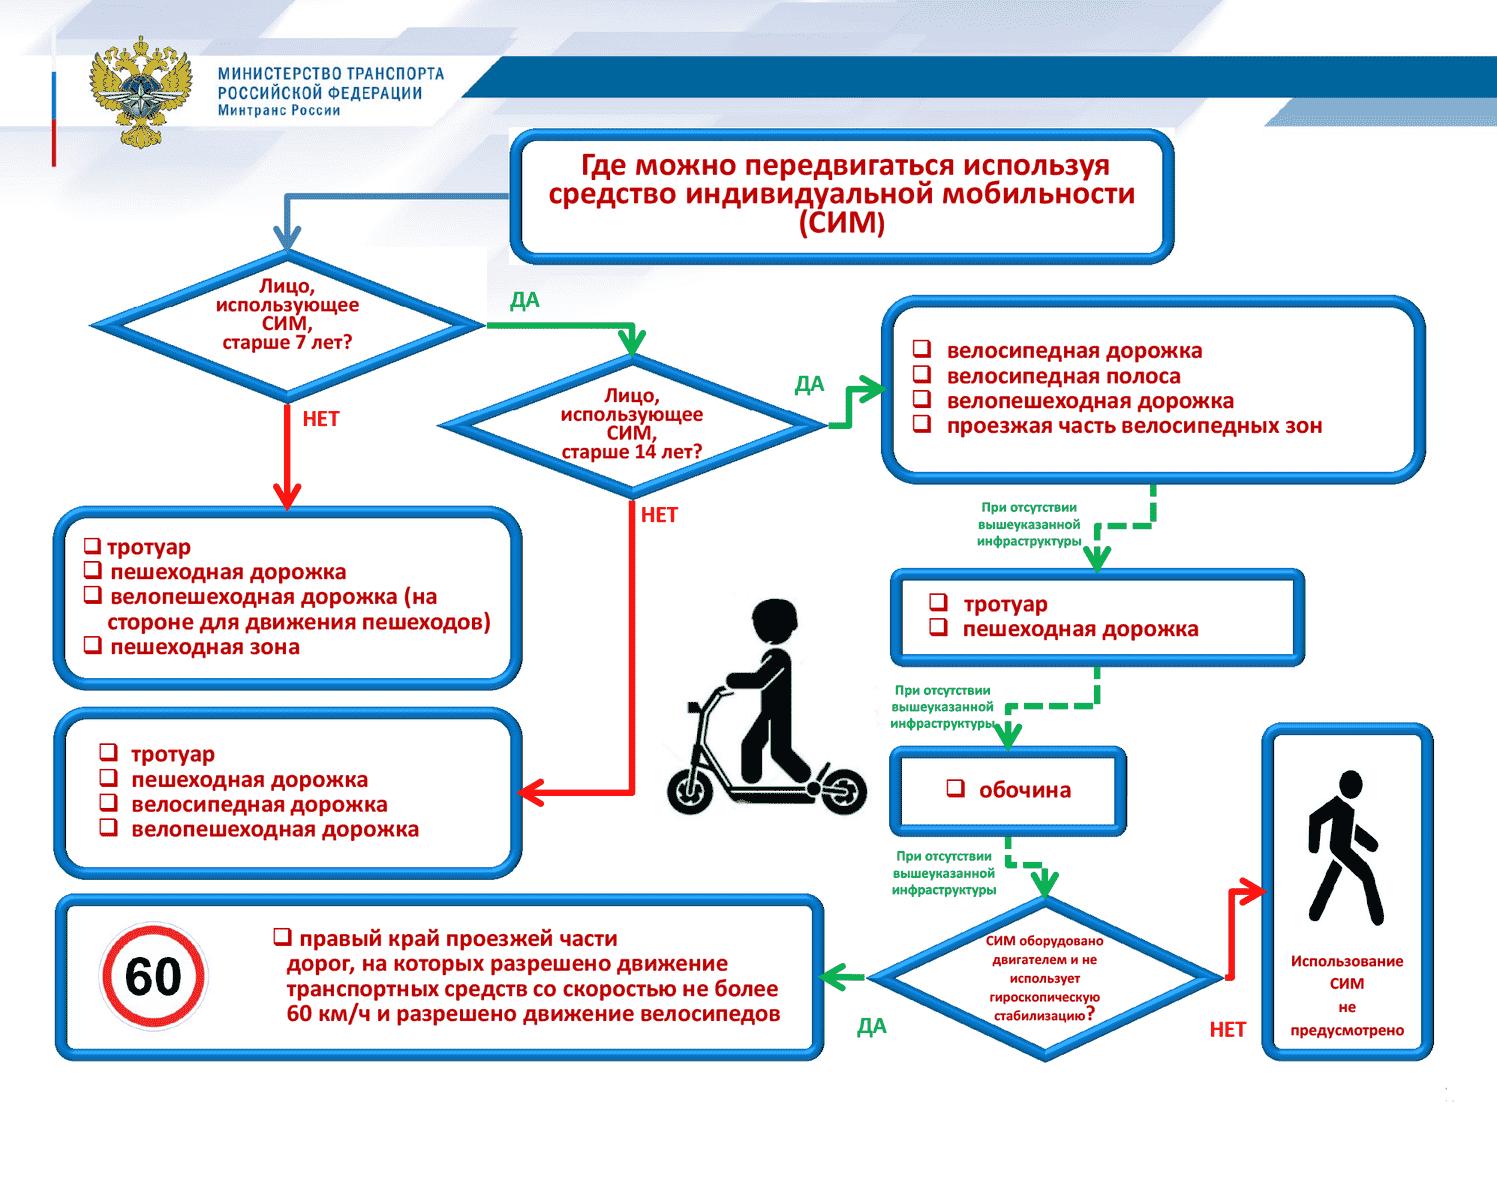 Правила передвижения на моноколёсах в 2020 году